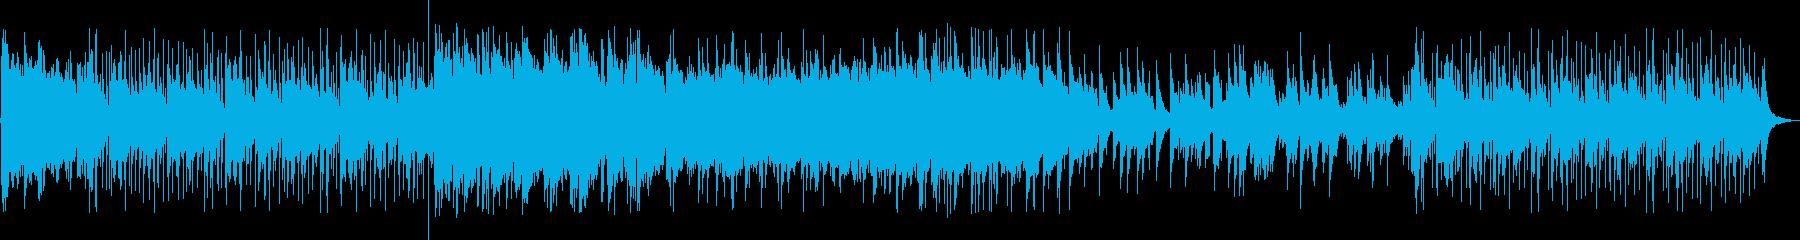 ピアノとアップライトベースをフィー...の再生済みの波形